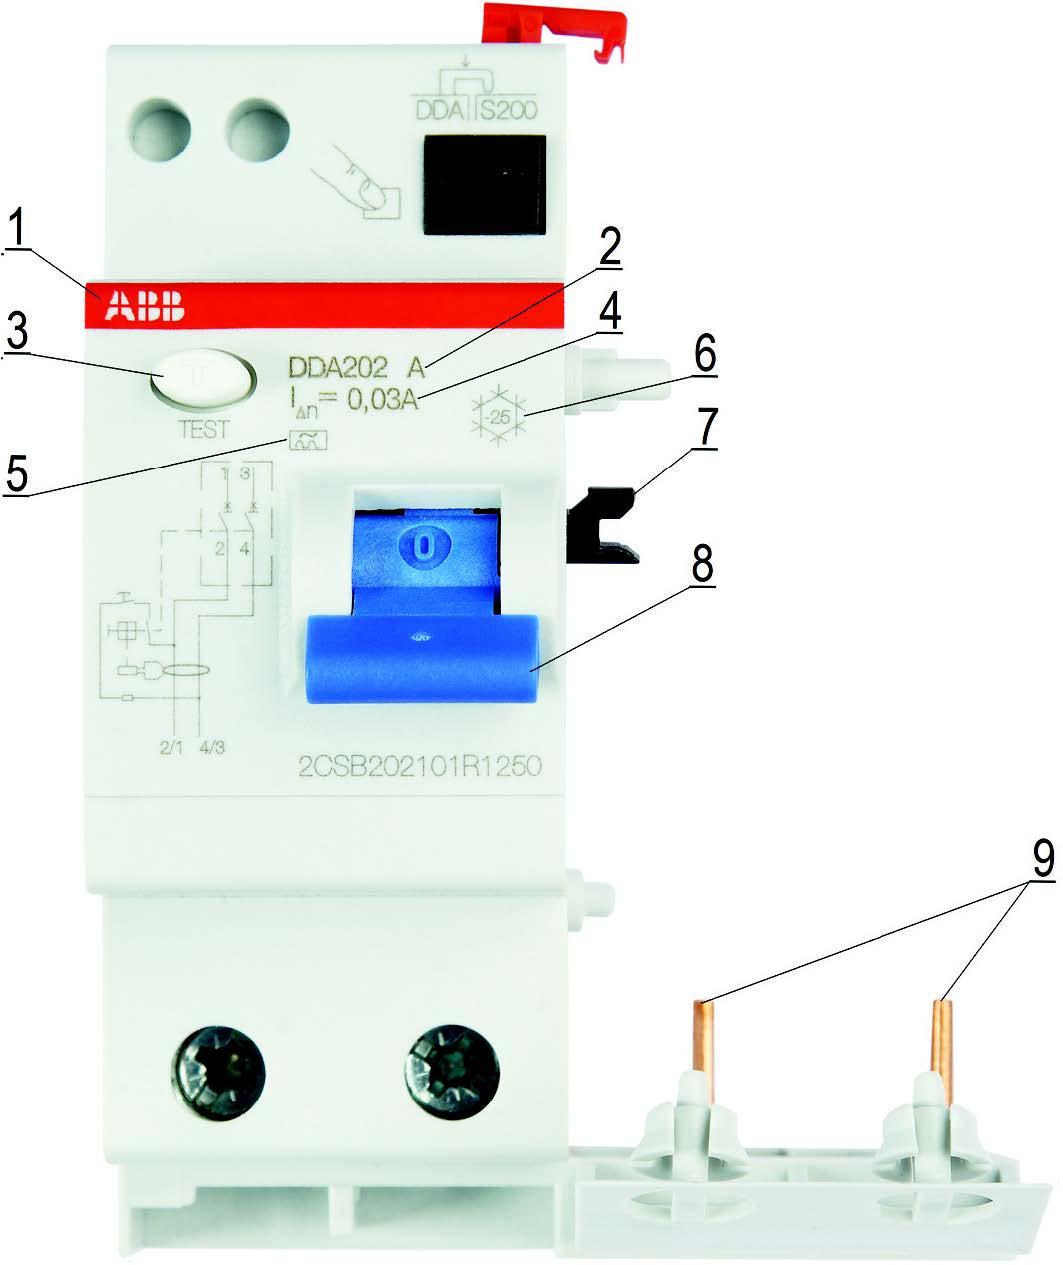 Маркировка двухполюсного БДТ серии DDA 202